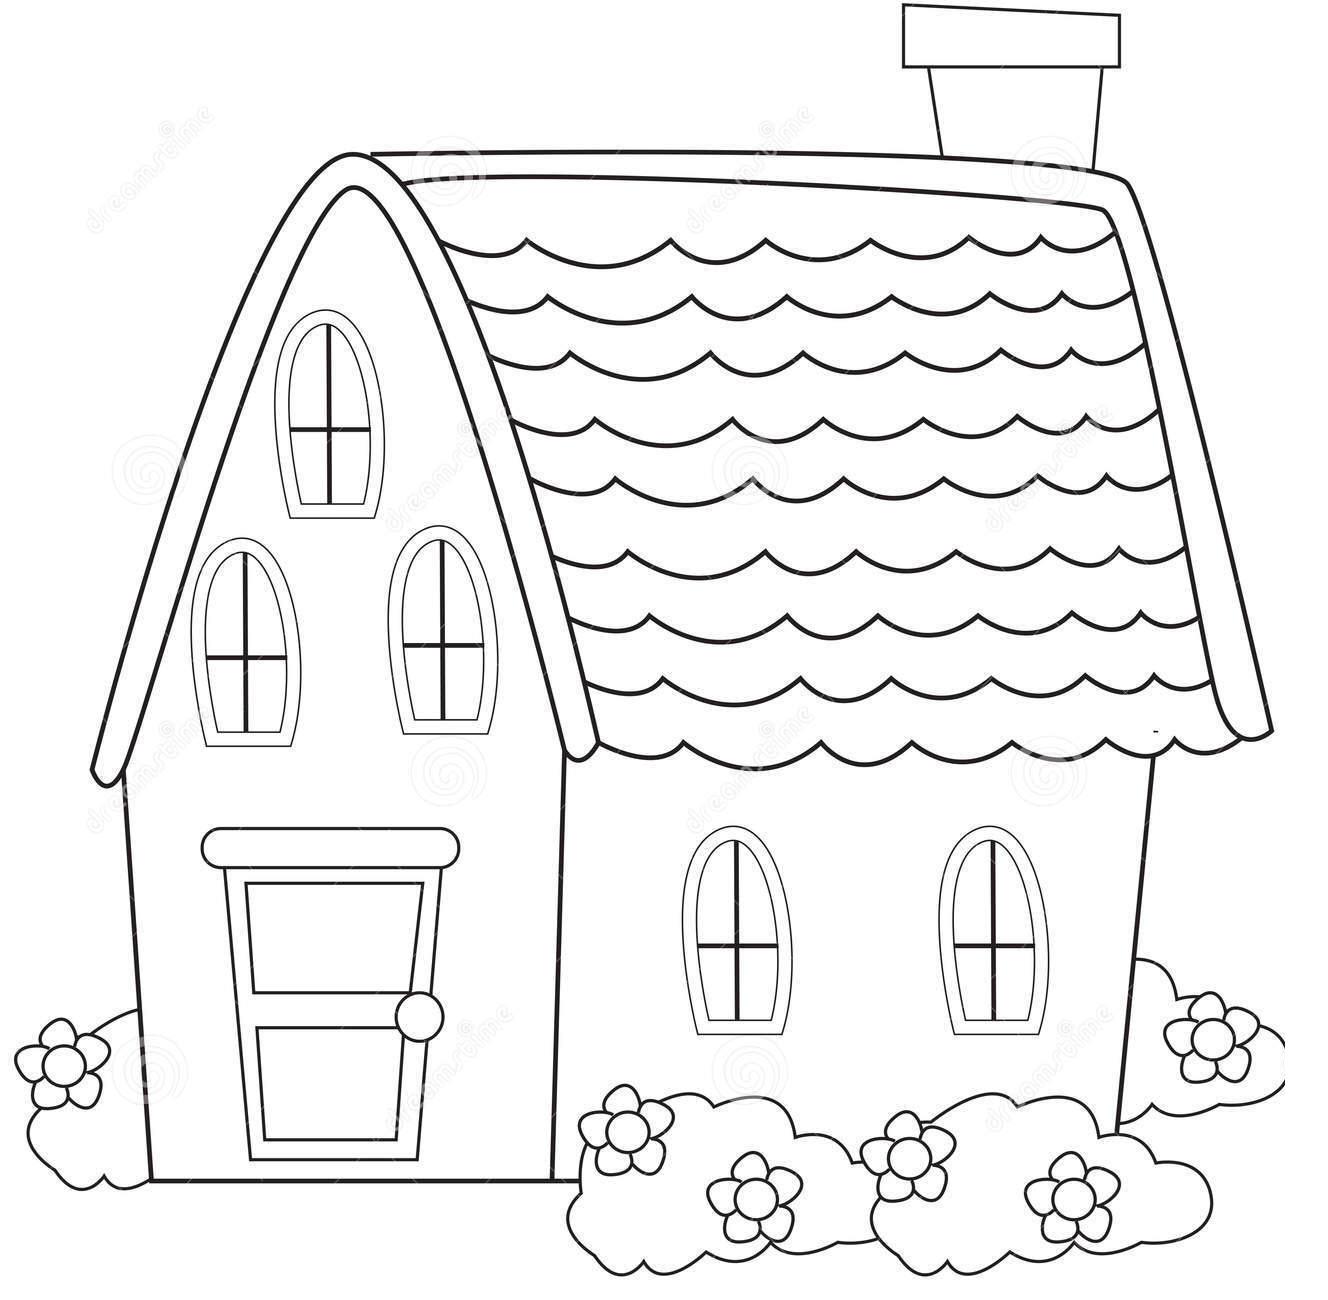 Hình tô màu ngôi nhà đẹp